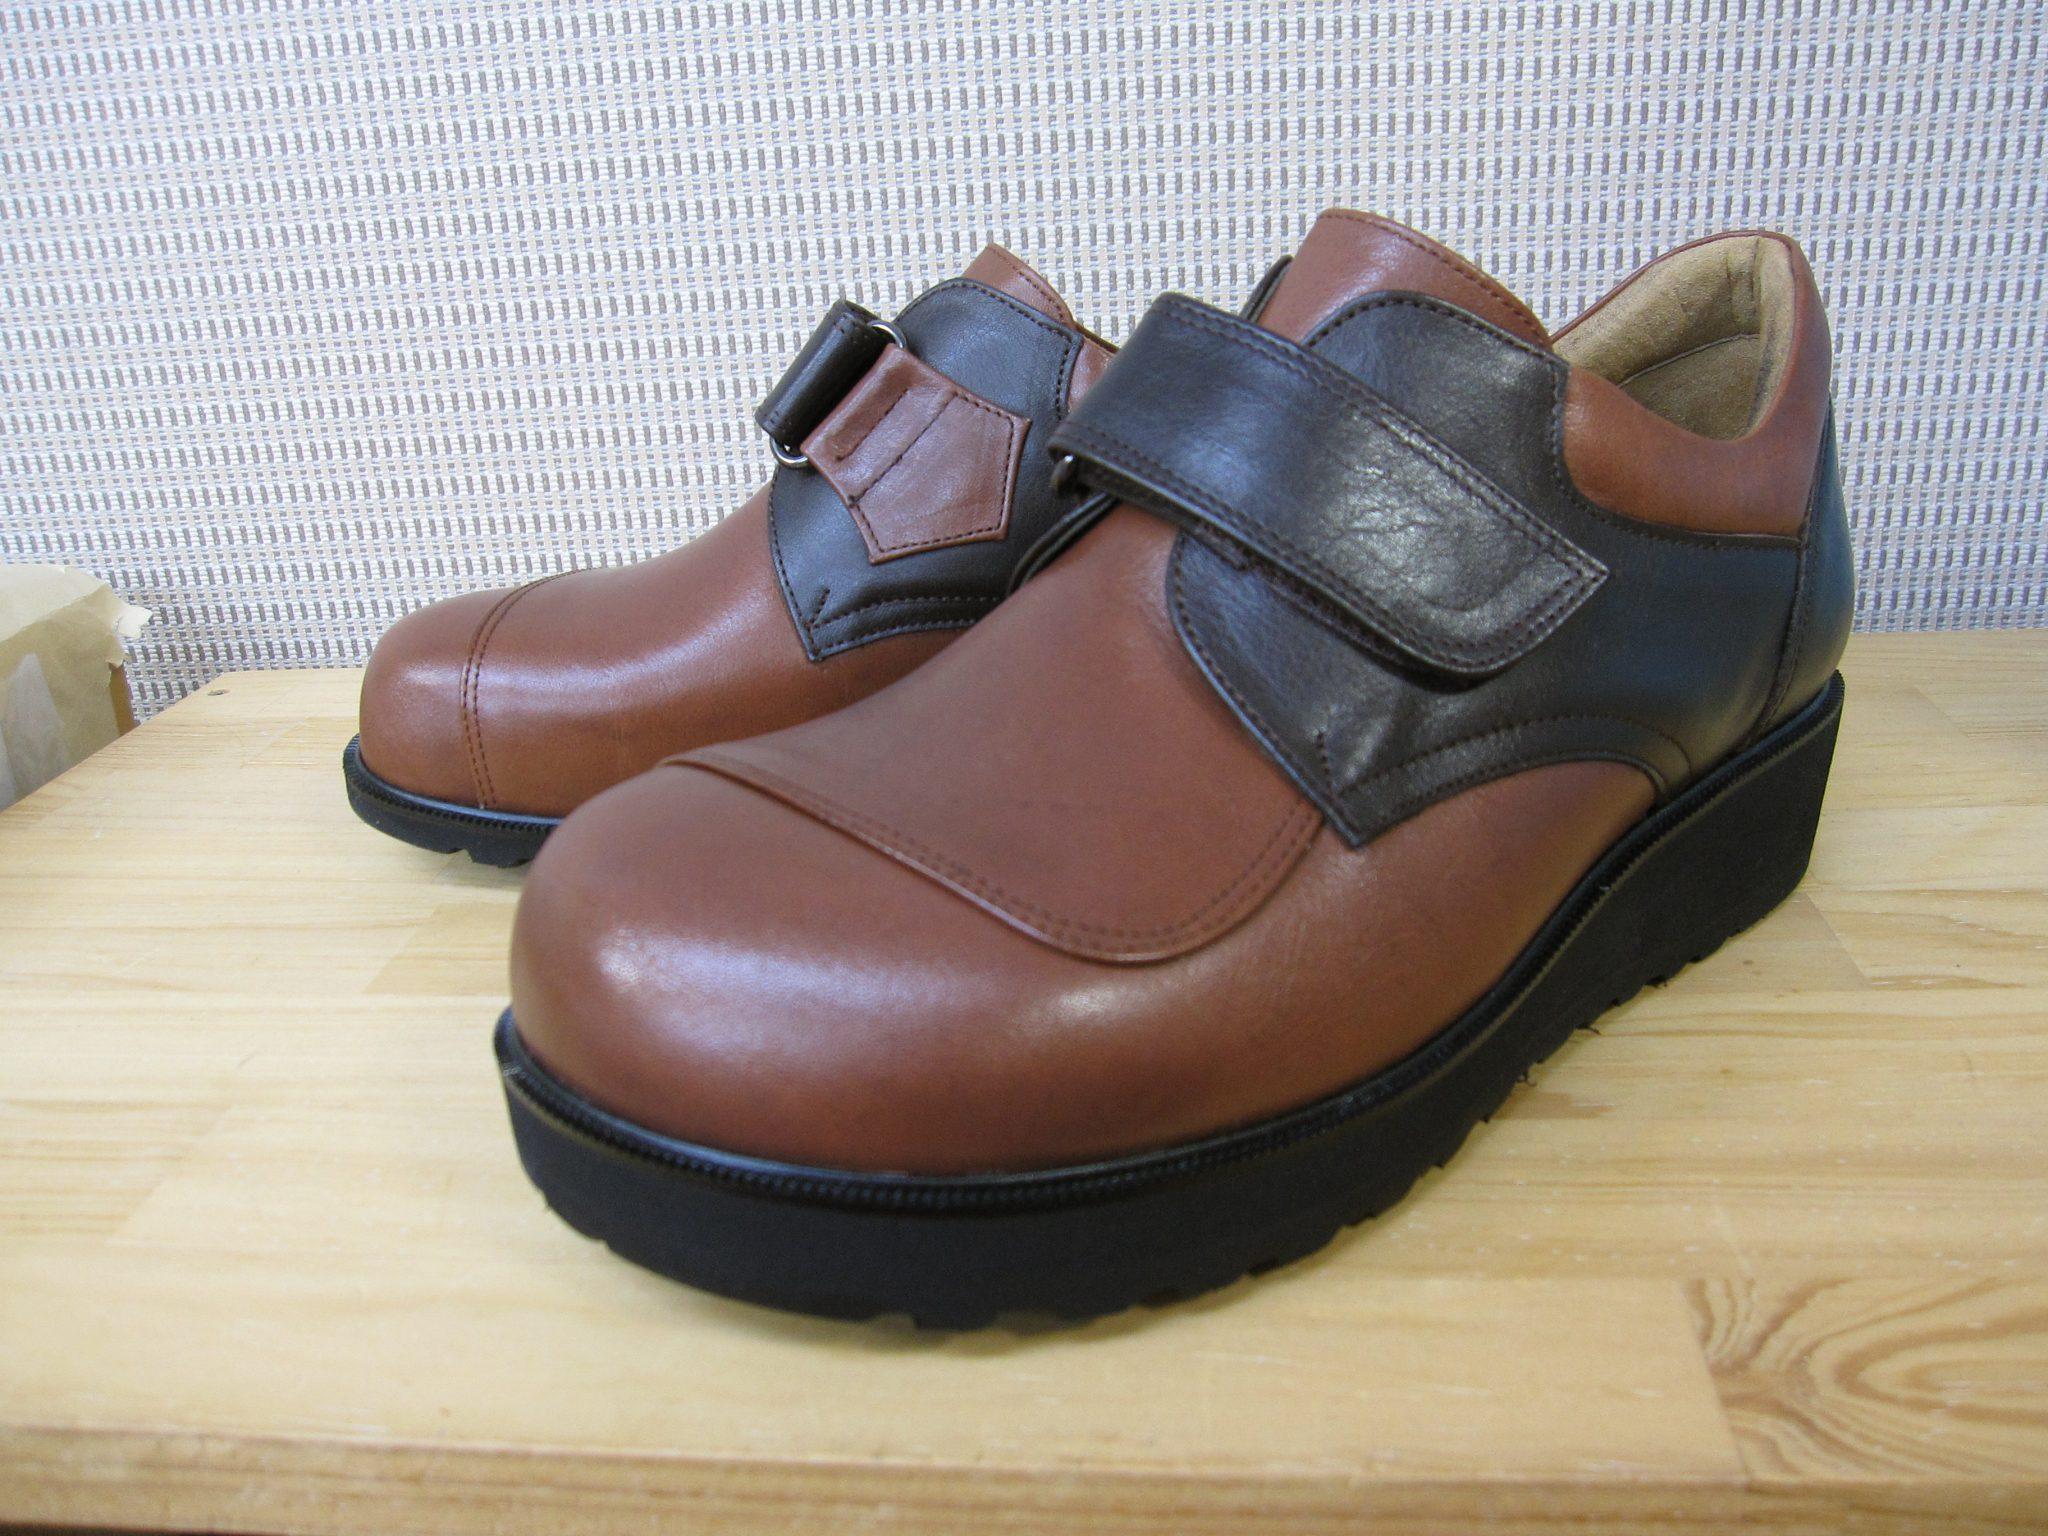 変形性股関節症の方の足にやさしい靴・オーダーメイドシューズ・補高靴